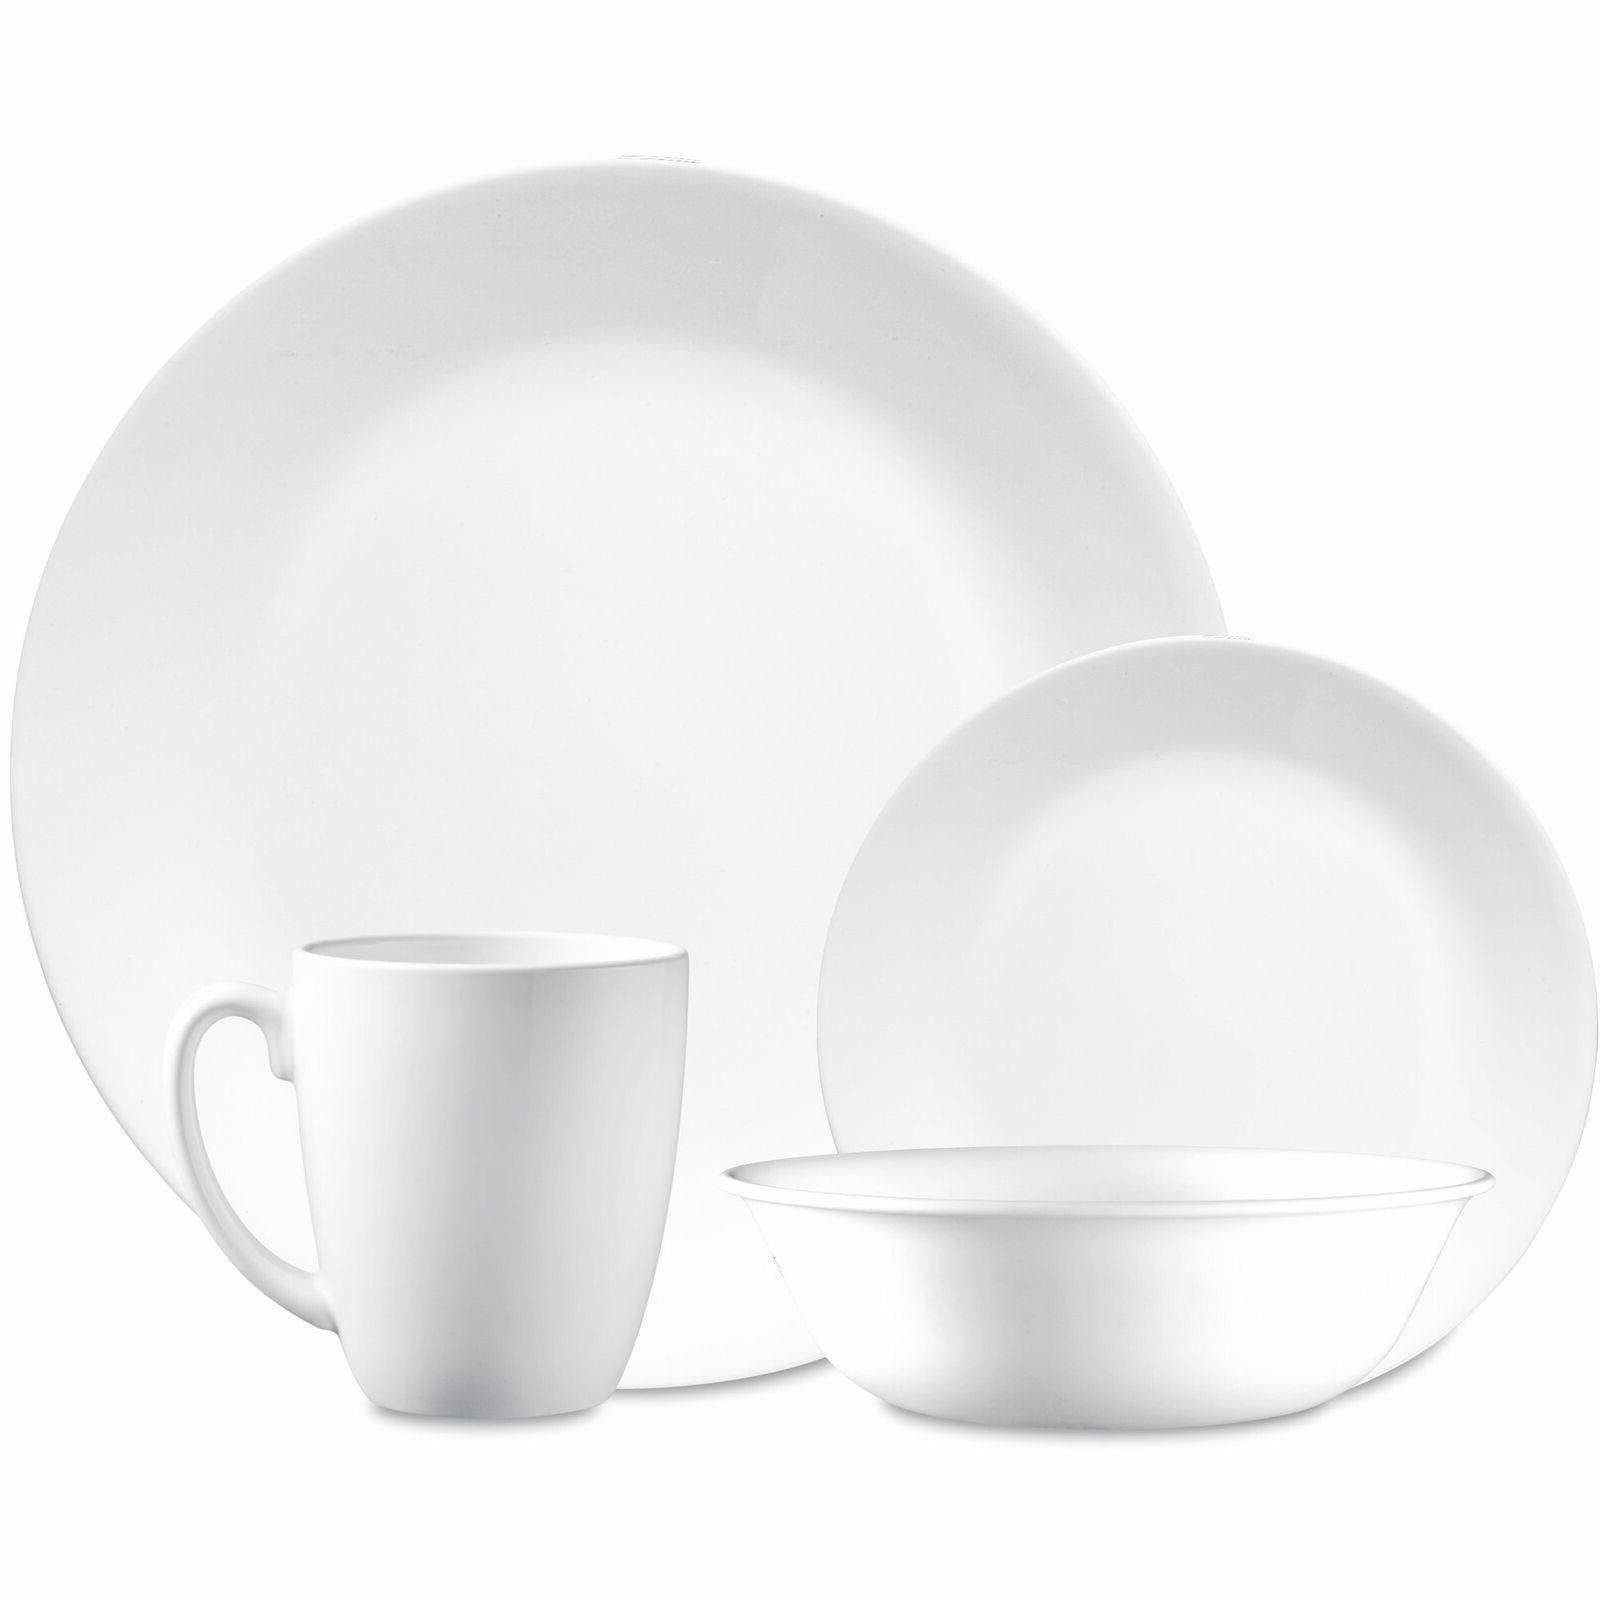 16 piece frost white dinnerware set